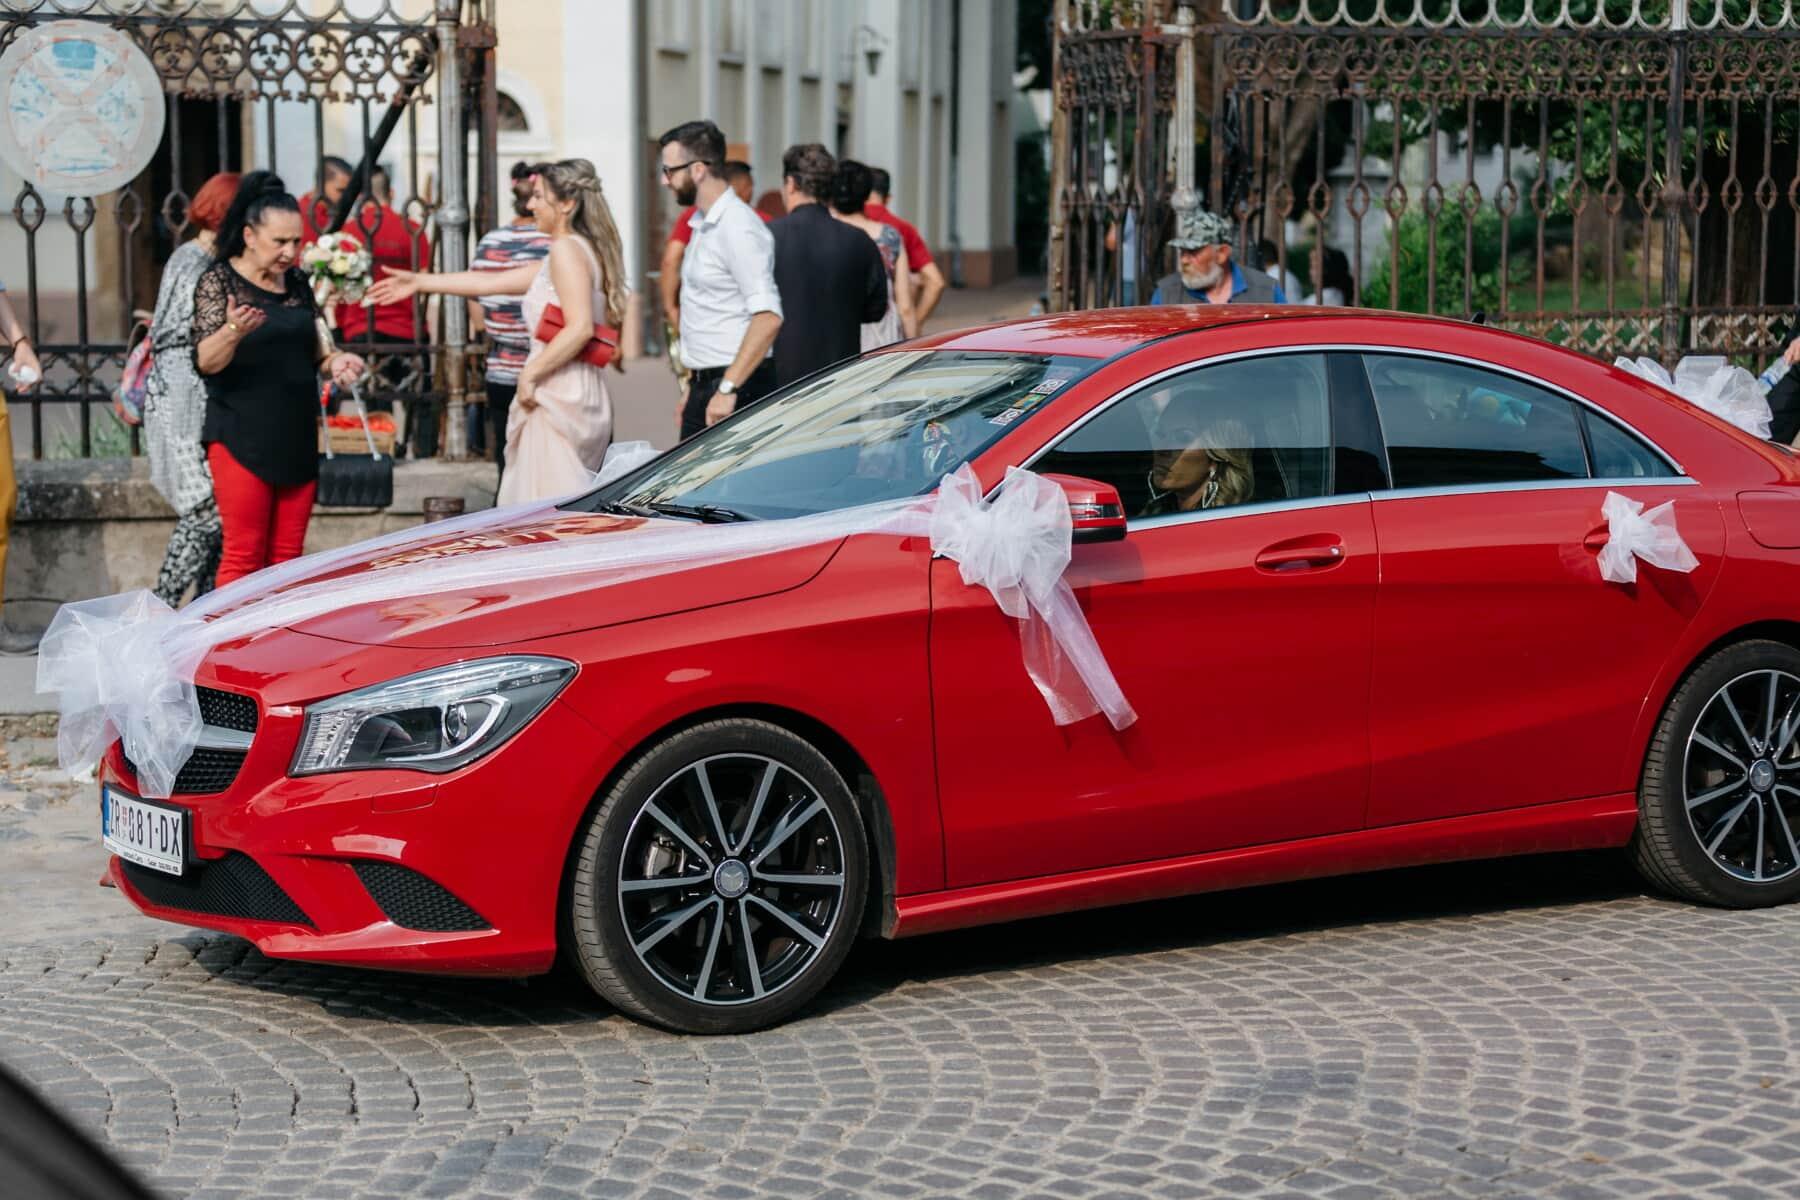 Limuzyna, ślub, samochodu, czerwony, Sterownik, panna młoda, luksusowe, samochód sportowy, samochodowe, transport